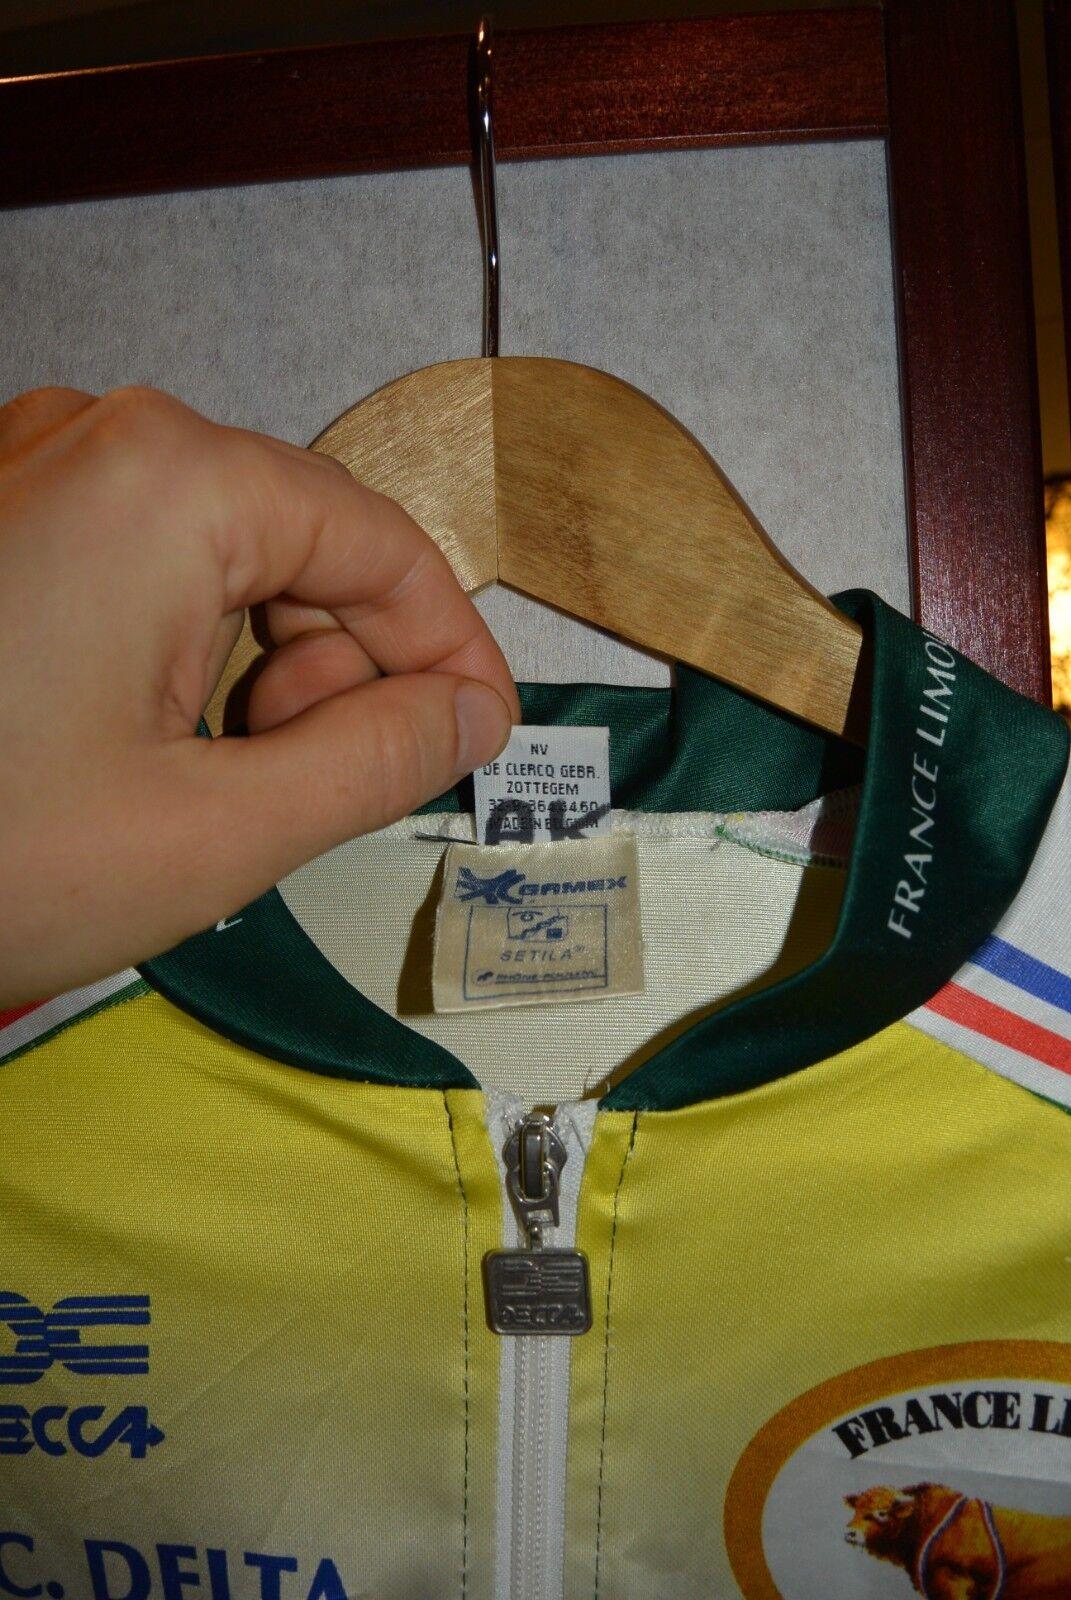 France Tour Limousin P.R.C. Delta   Delta Gamex  vintage cycling jersey L 07f3d8